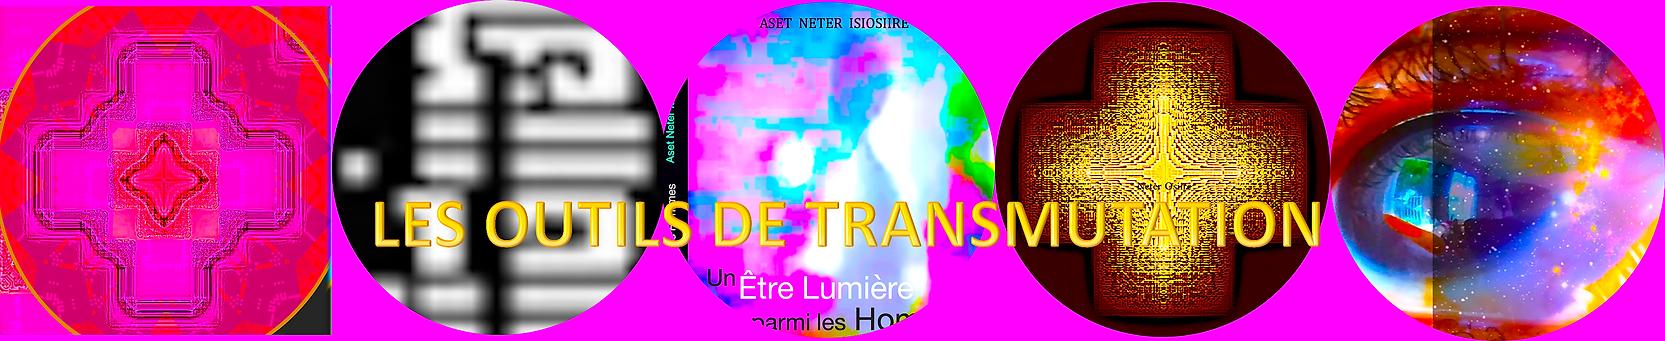 LES_OUTILS_DE_TRANSMUTATION_ASET_NETER_I